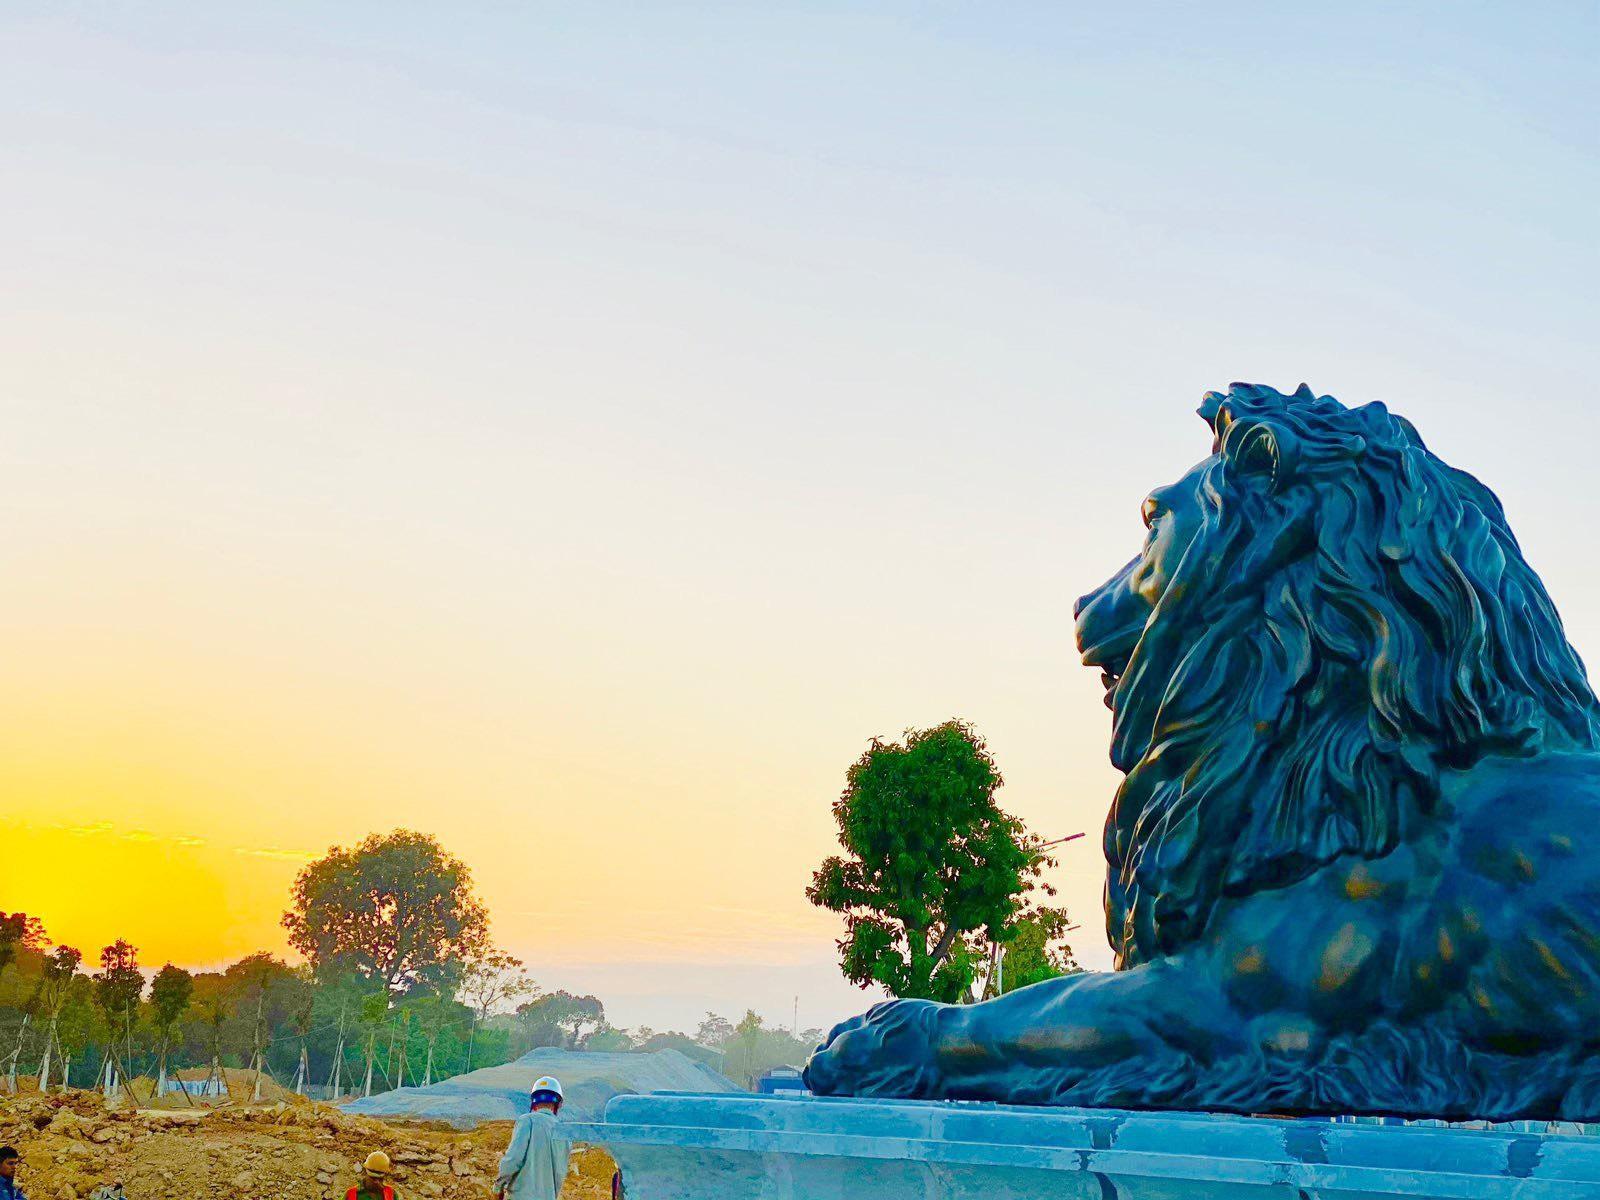 Tượng sư tử dưới chân tháp – biểu tượng cho sự uy quyền, giàu sang và mạnh mẽ